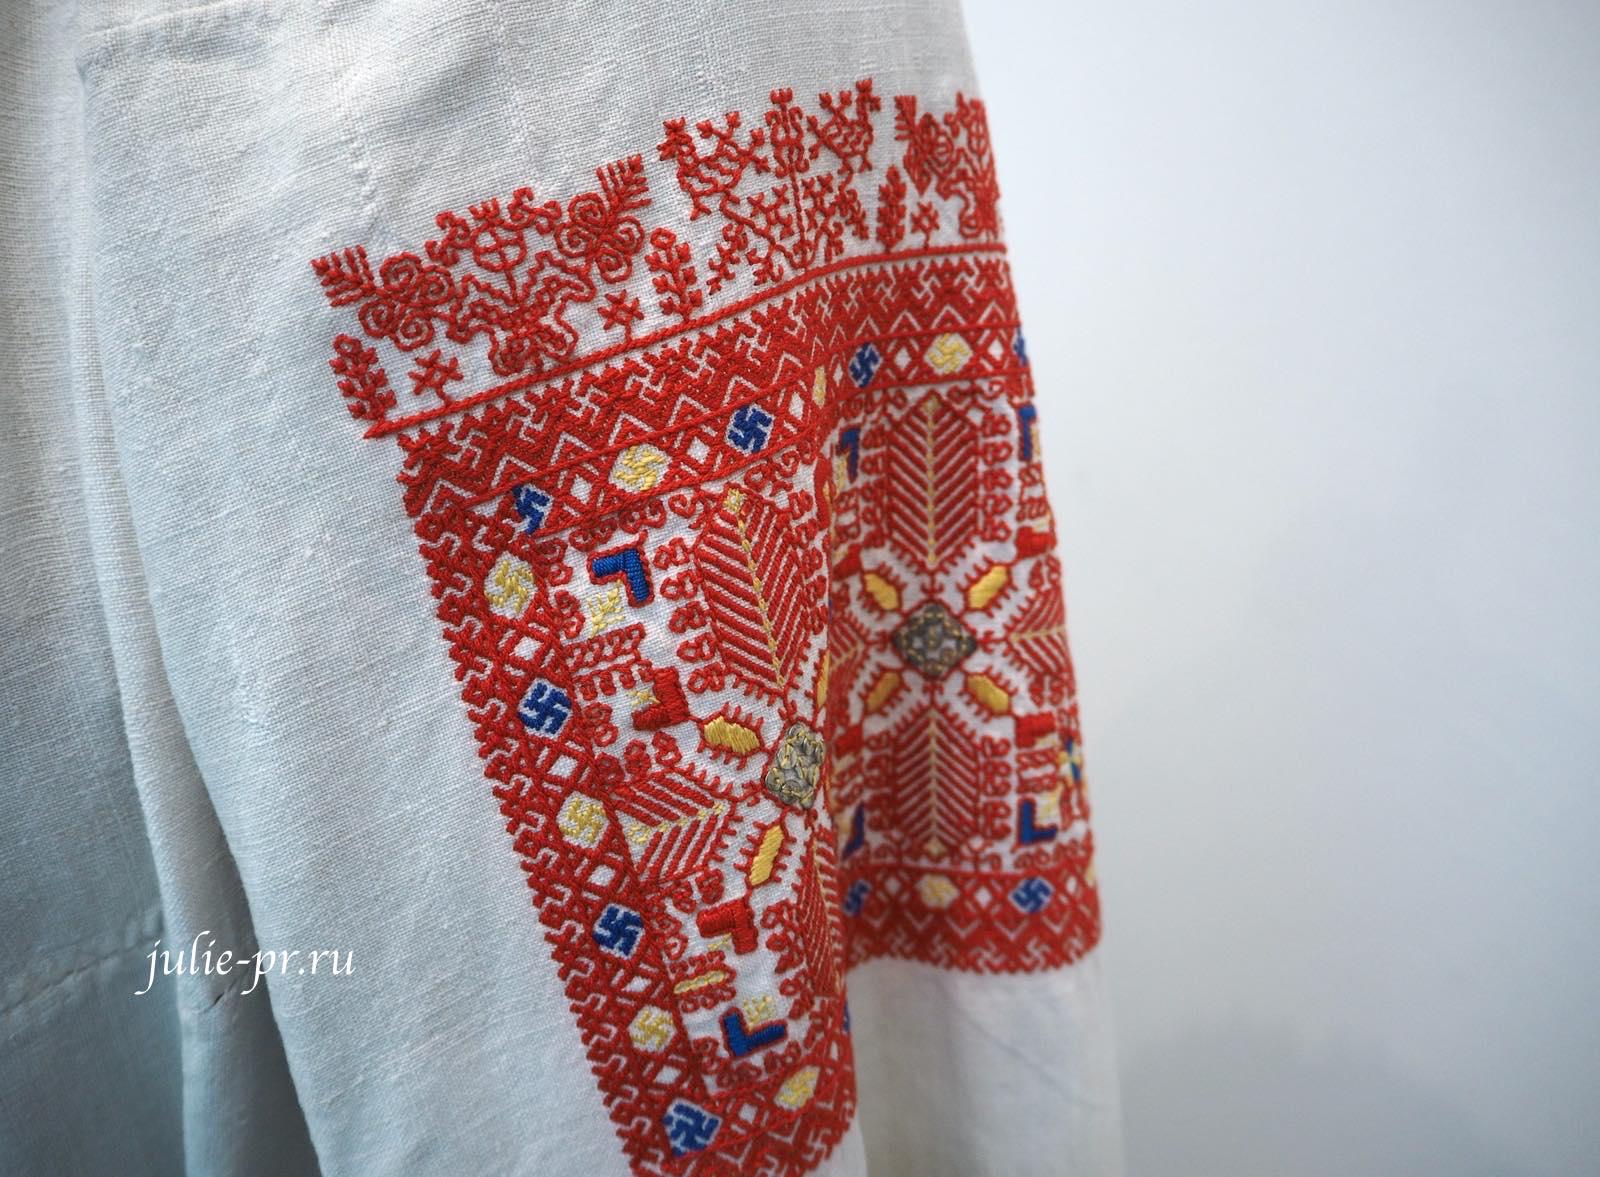 Всероссийская выставка вышивки, вышивка, Студия традиционного костюма «Русские начала» — Женская праздничная рубаха, Каргопольский уезд, шов набор, роспись